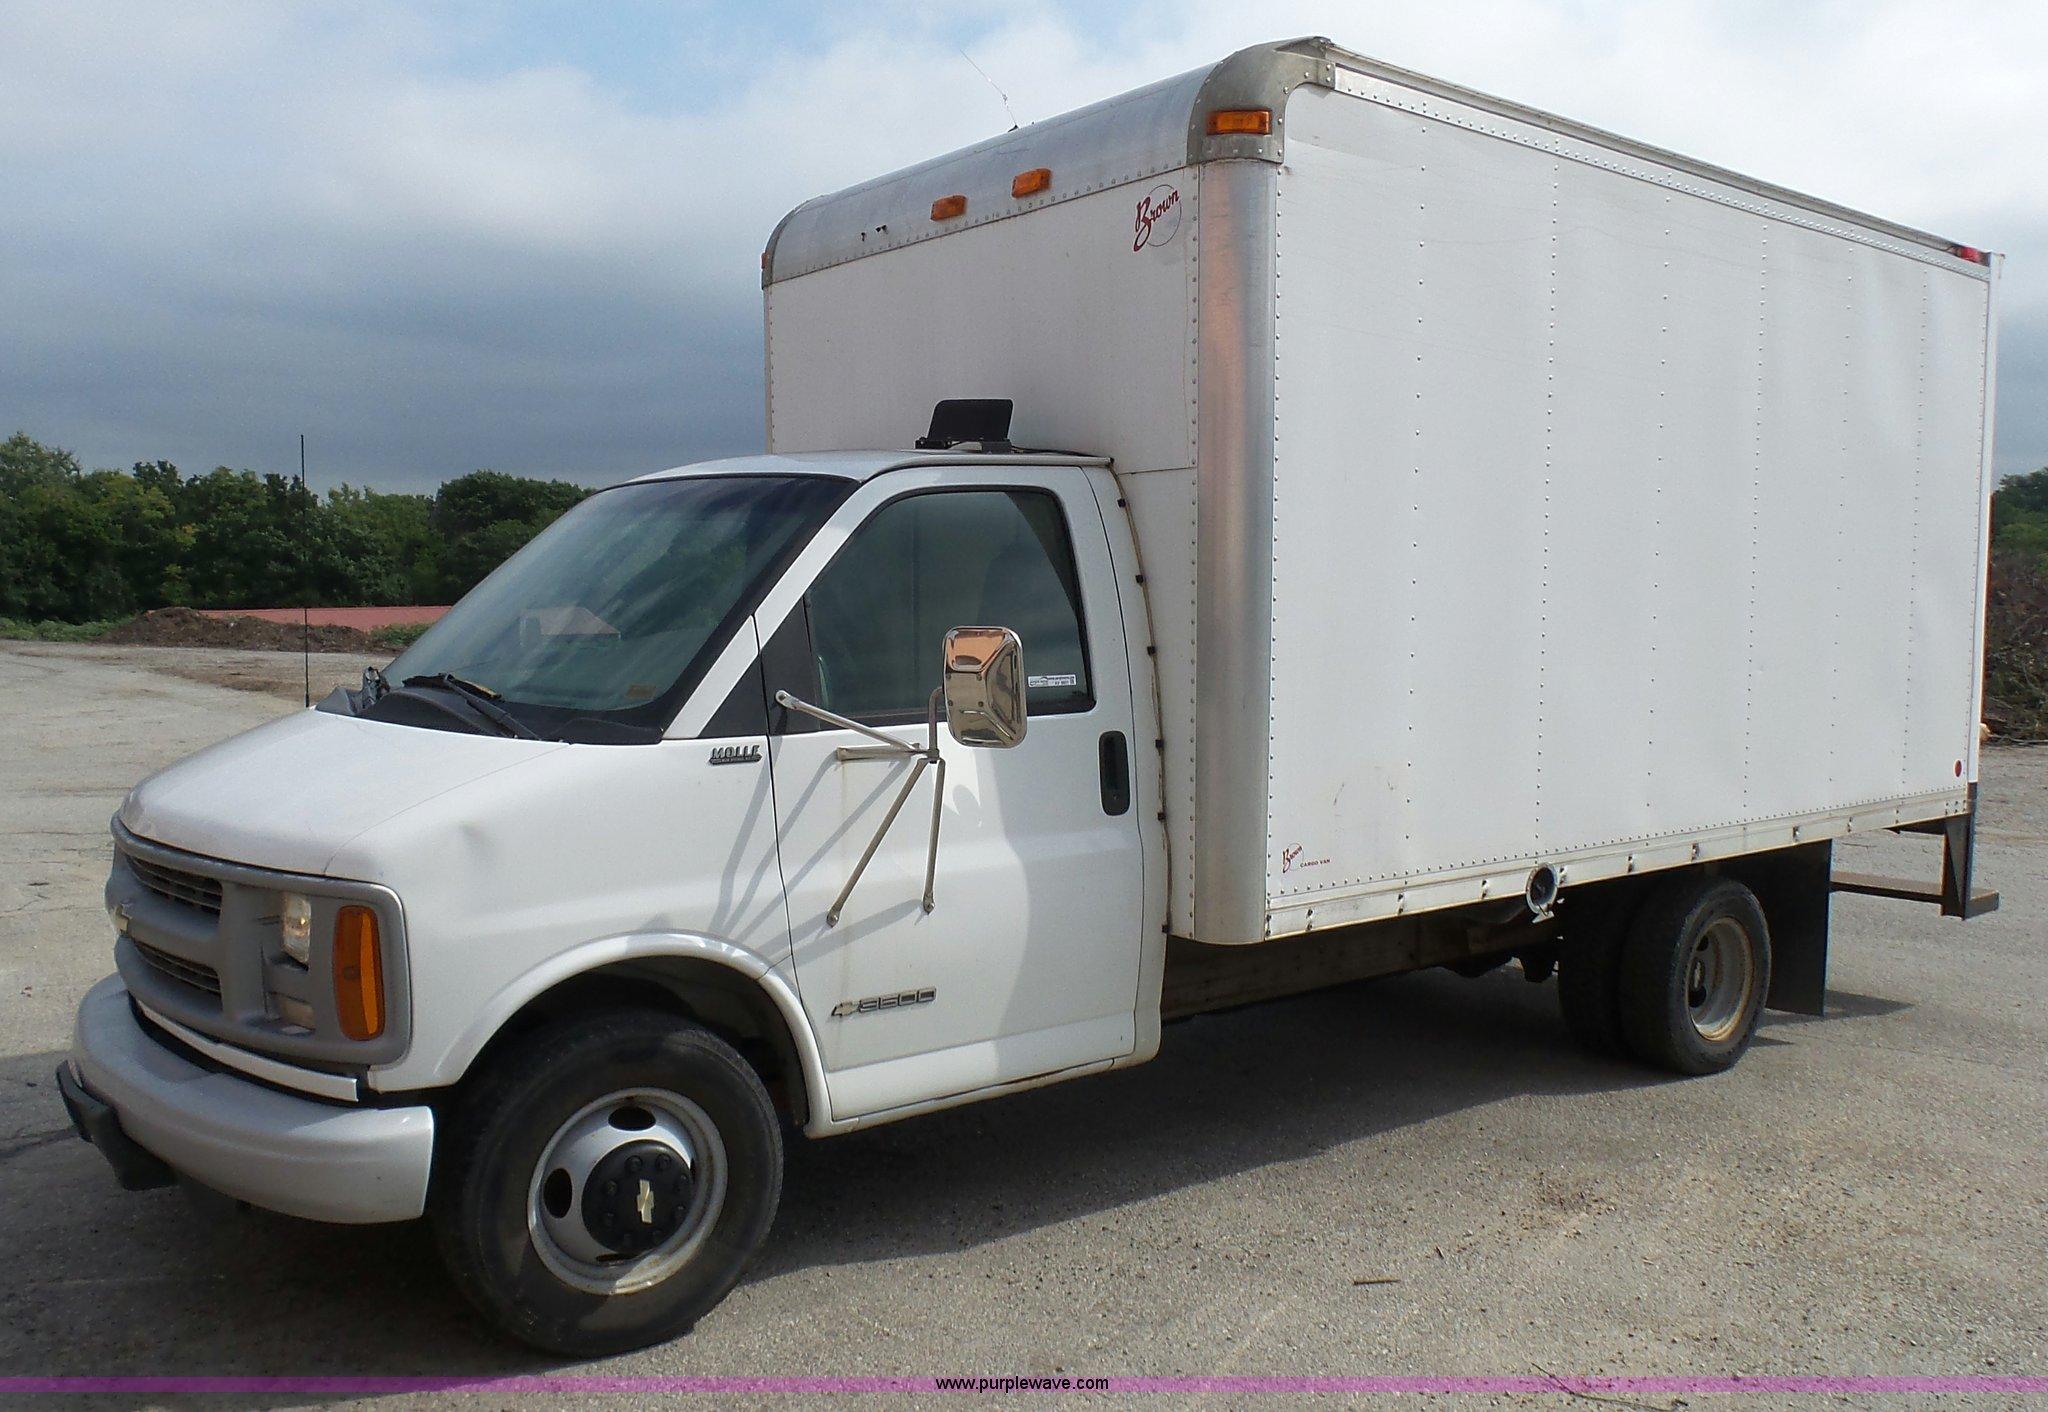 ebd5cea27a AV9851 image for item AV9851 2000 Chevrolet Express G3500 ...